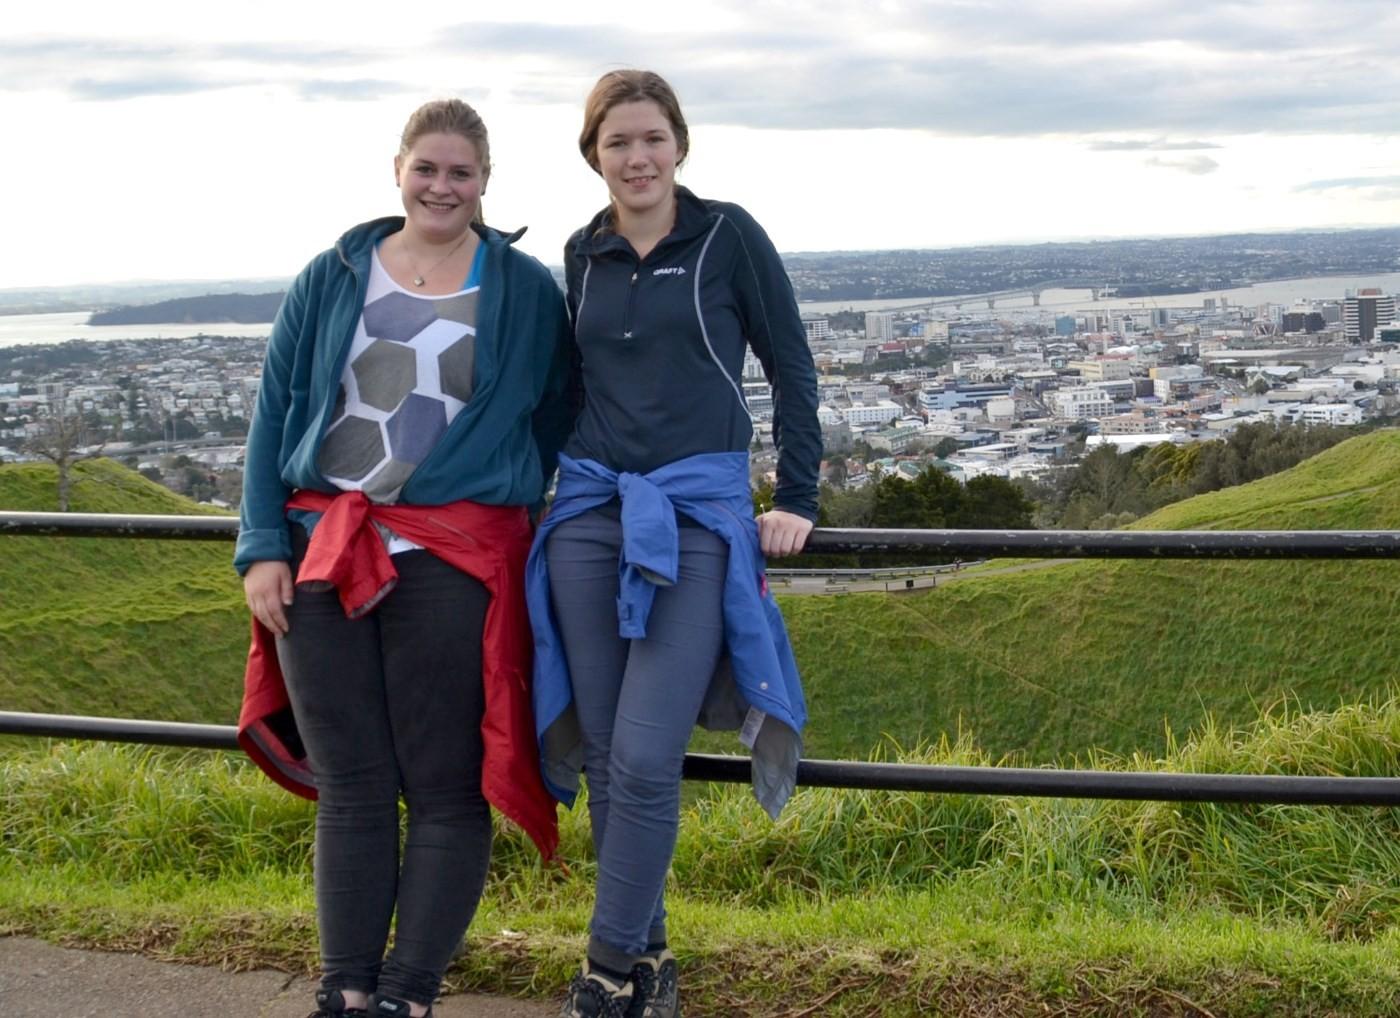 Liv Ingrid Bævre og Oda Halle med Auckland i bakgrunn. I 8 månader skal dei